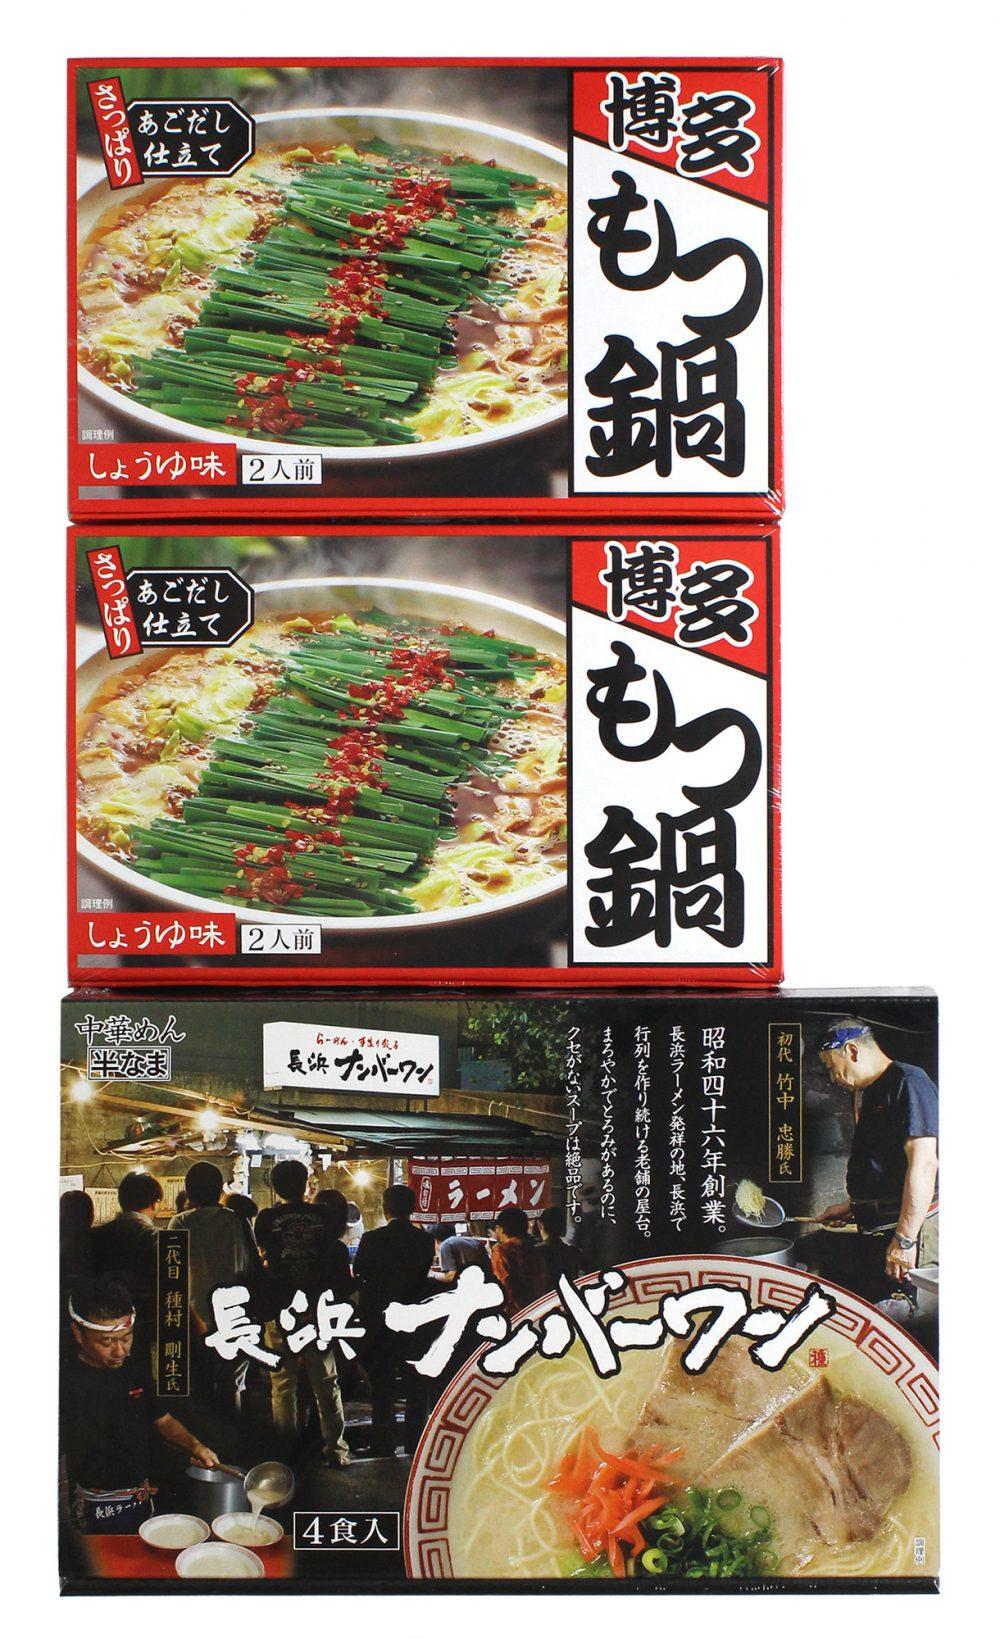 博多もつ鍋あごだししょう油×2、ナンバーワンラーメン4食 ①